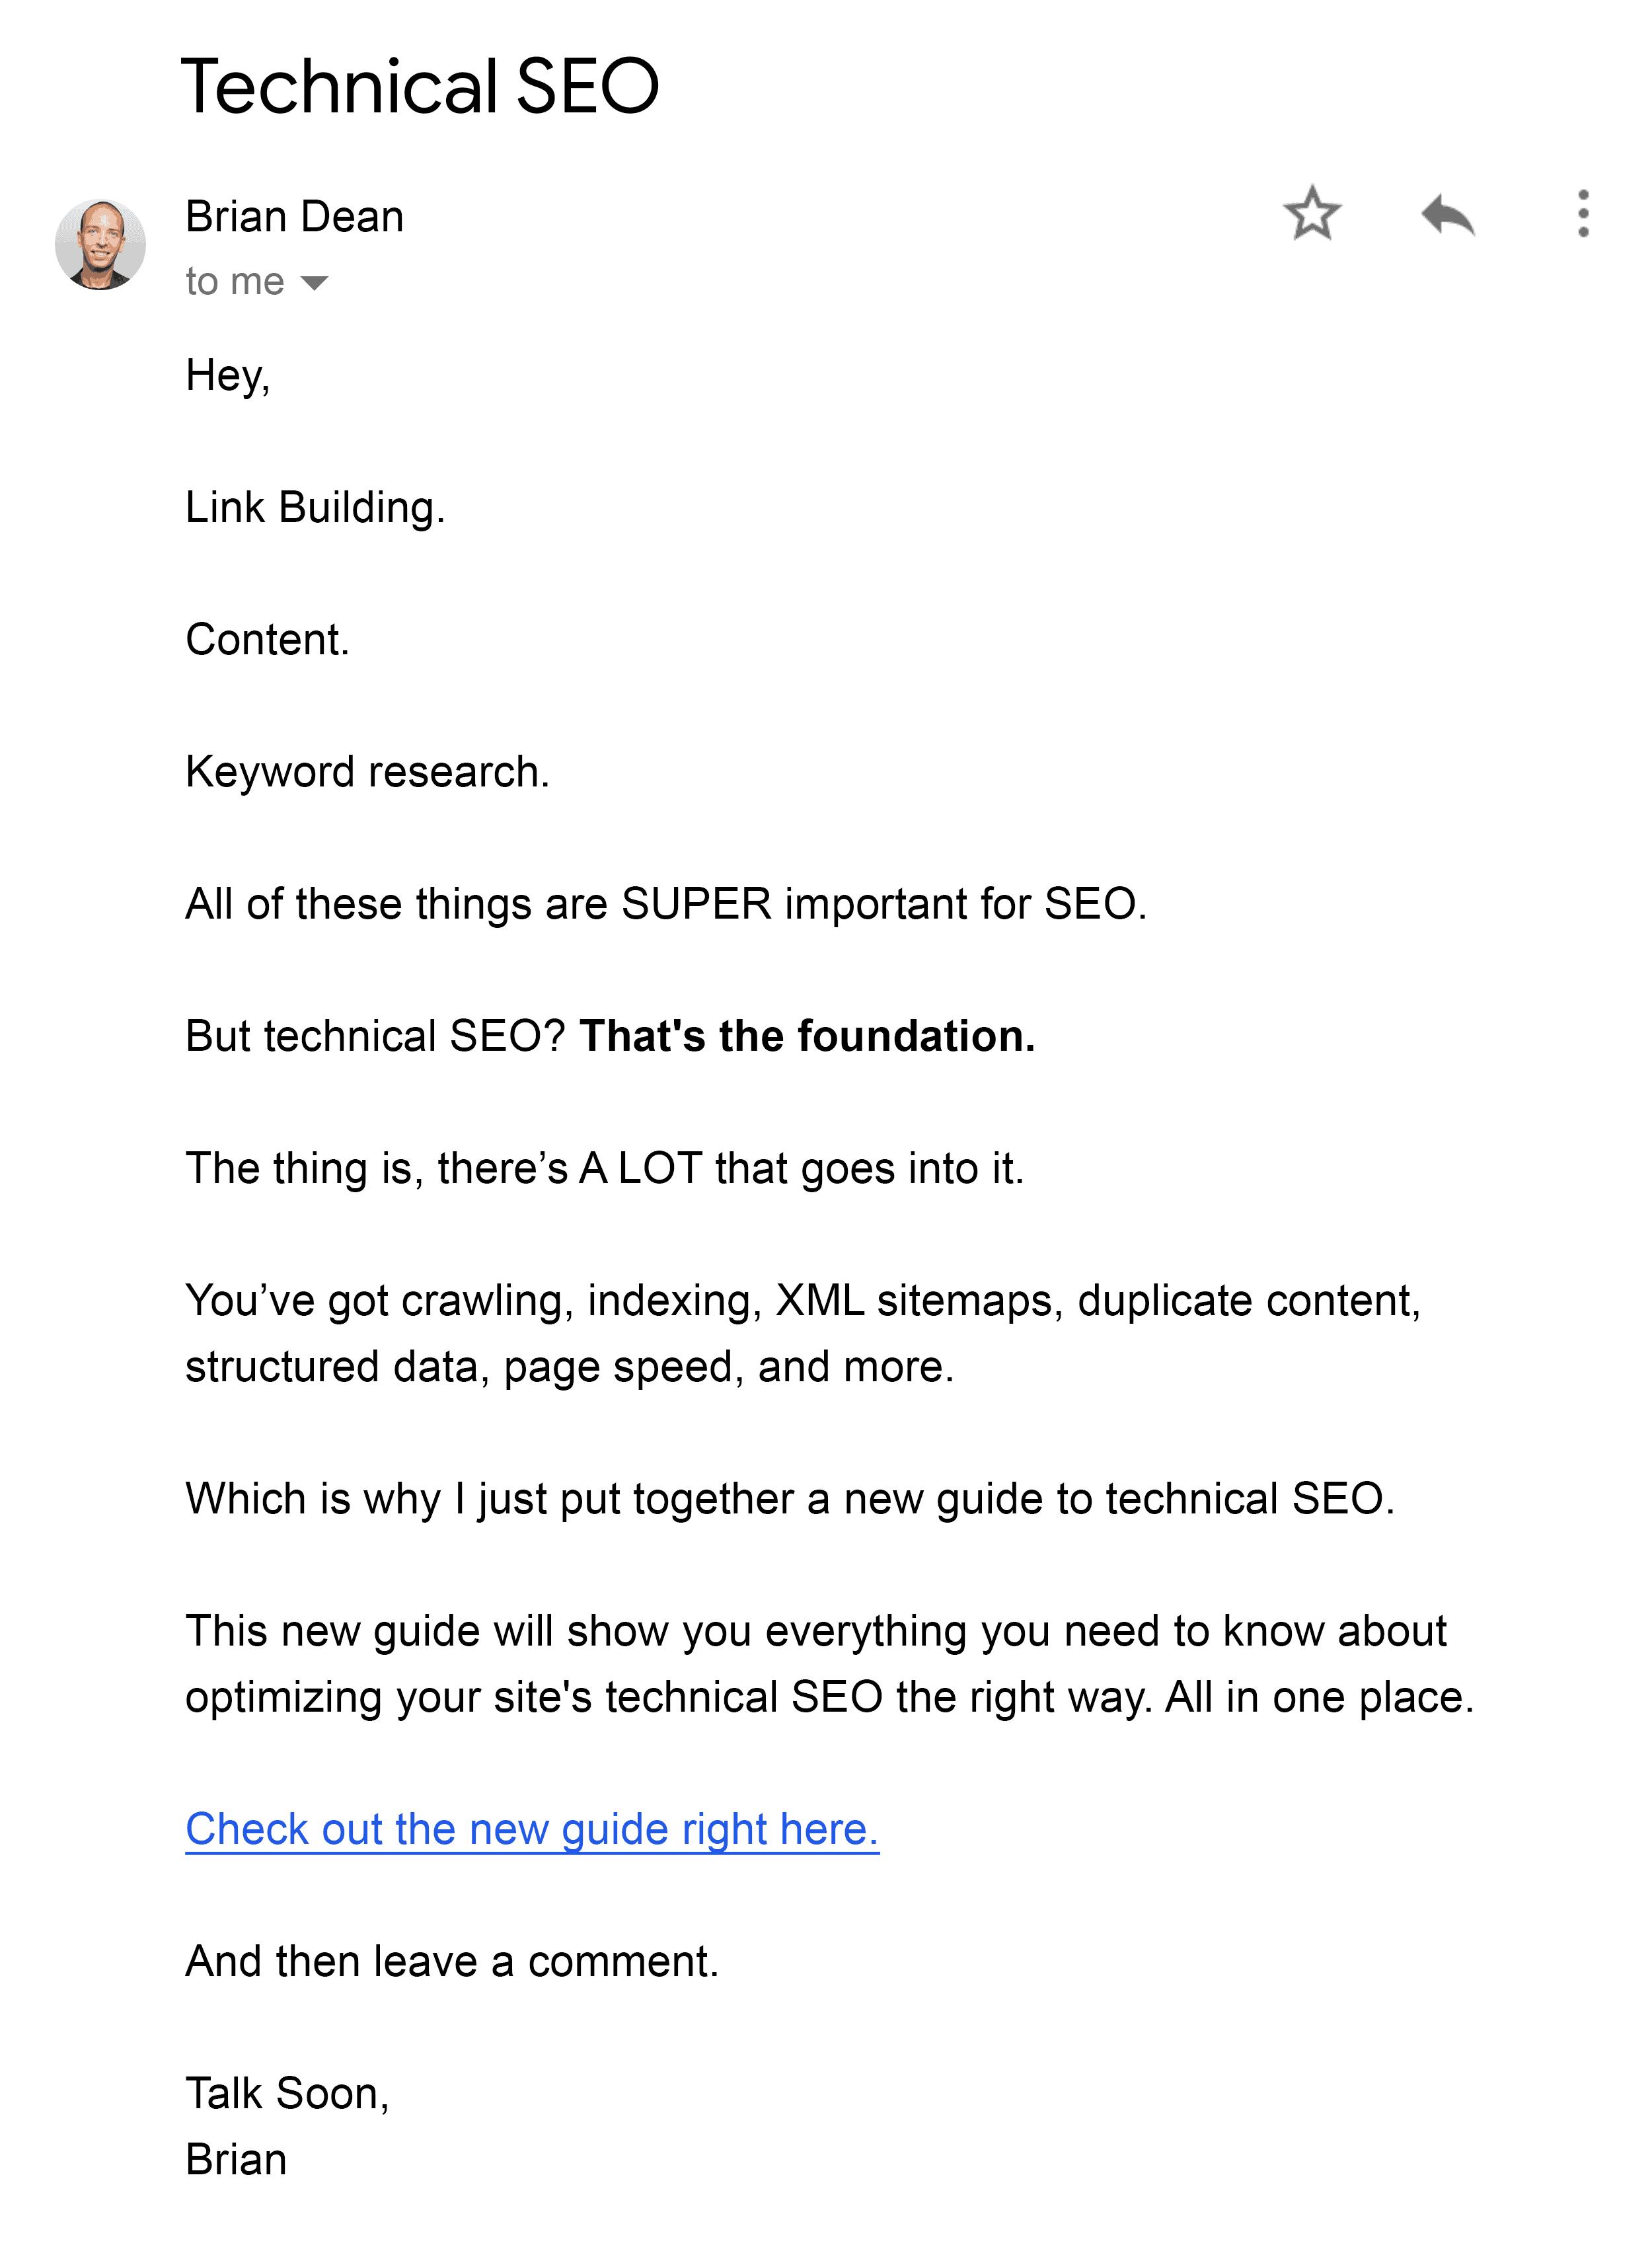 Technical SEO newsletter